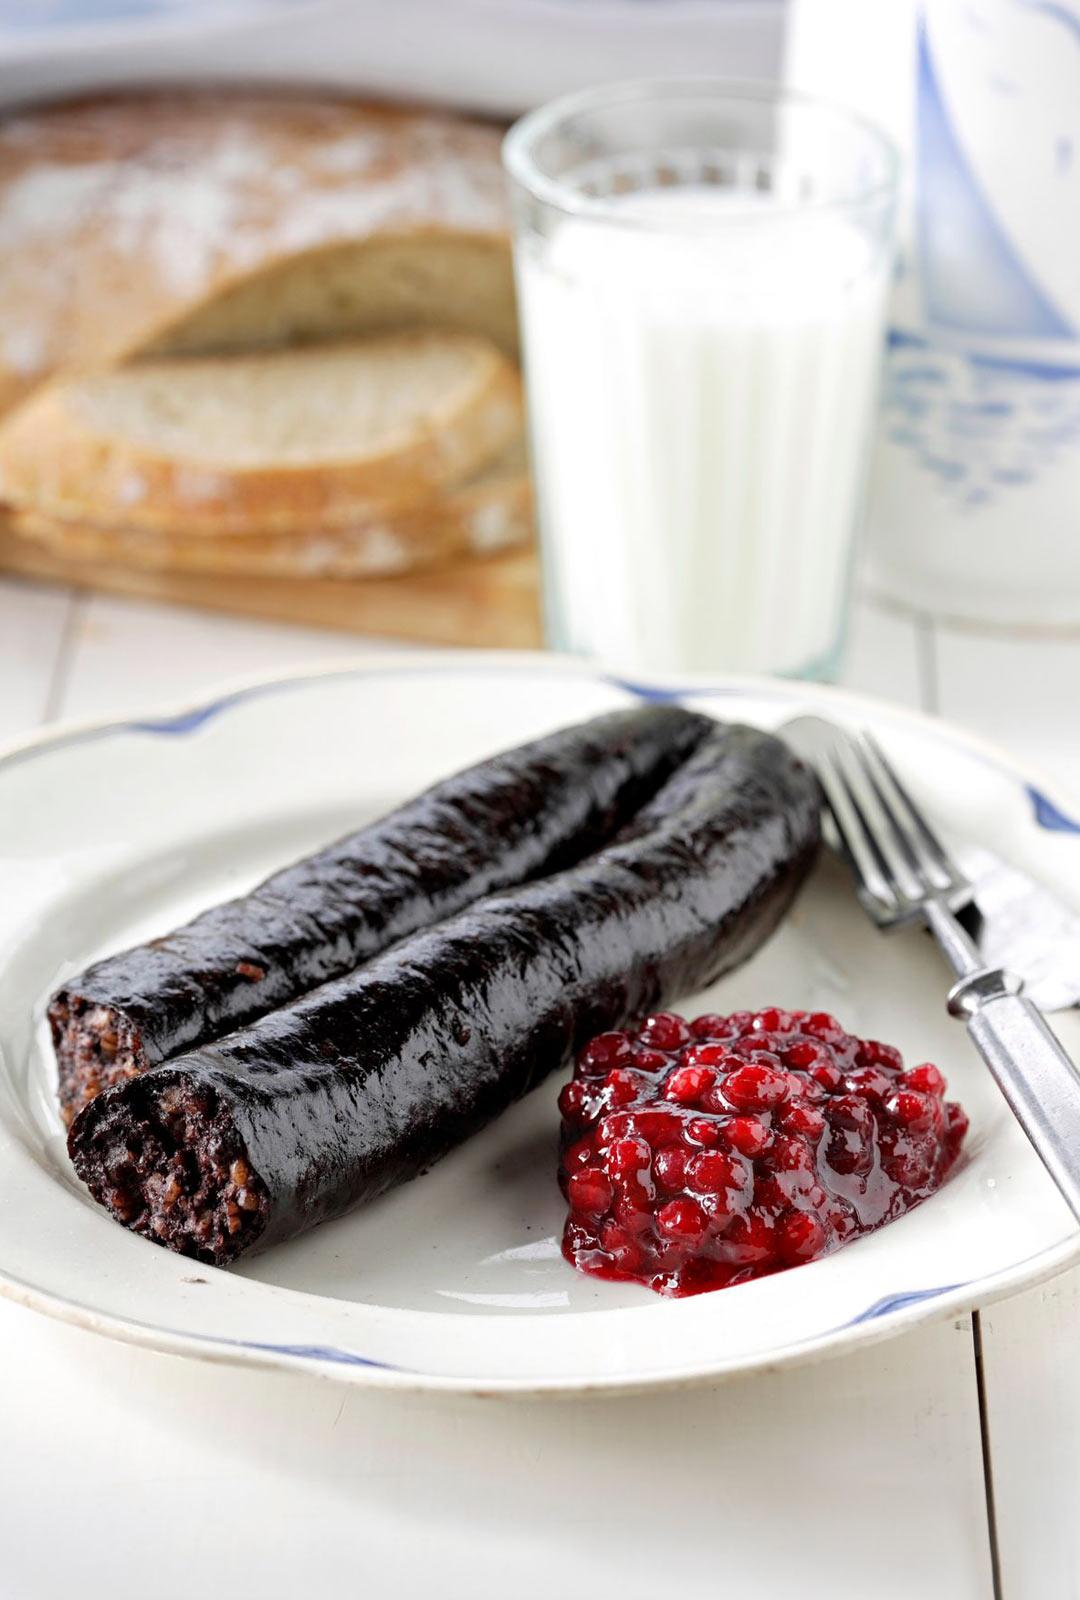 Aitoja suomalaisleipiä leivotaan Virossa, perinneherkkujen liha voi tulla EU:sta.